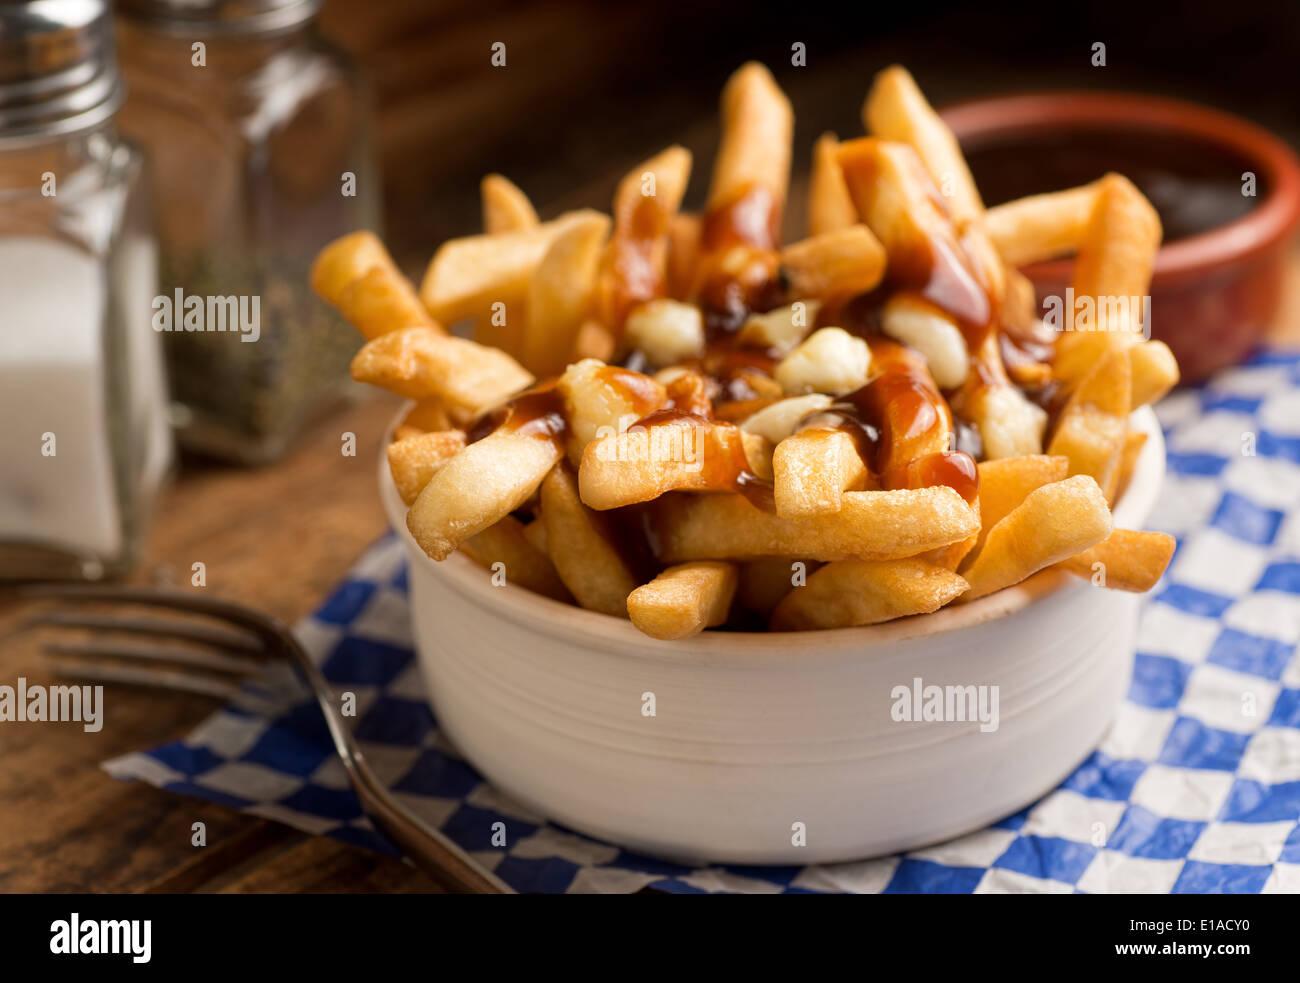 Canadienne française classique de la poutine avec frites, sauce, fromage en grains et sur une table rustique. Photo Stock